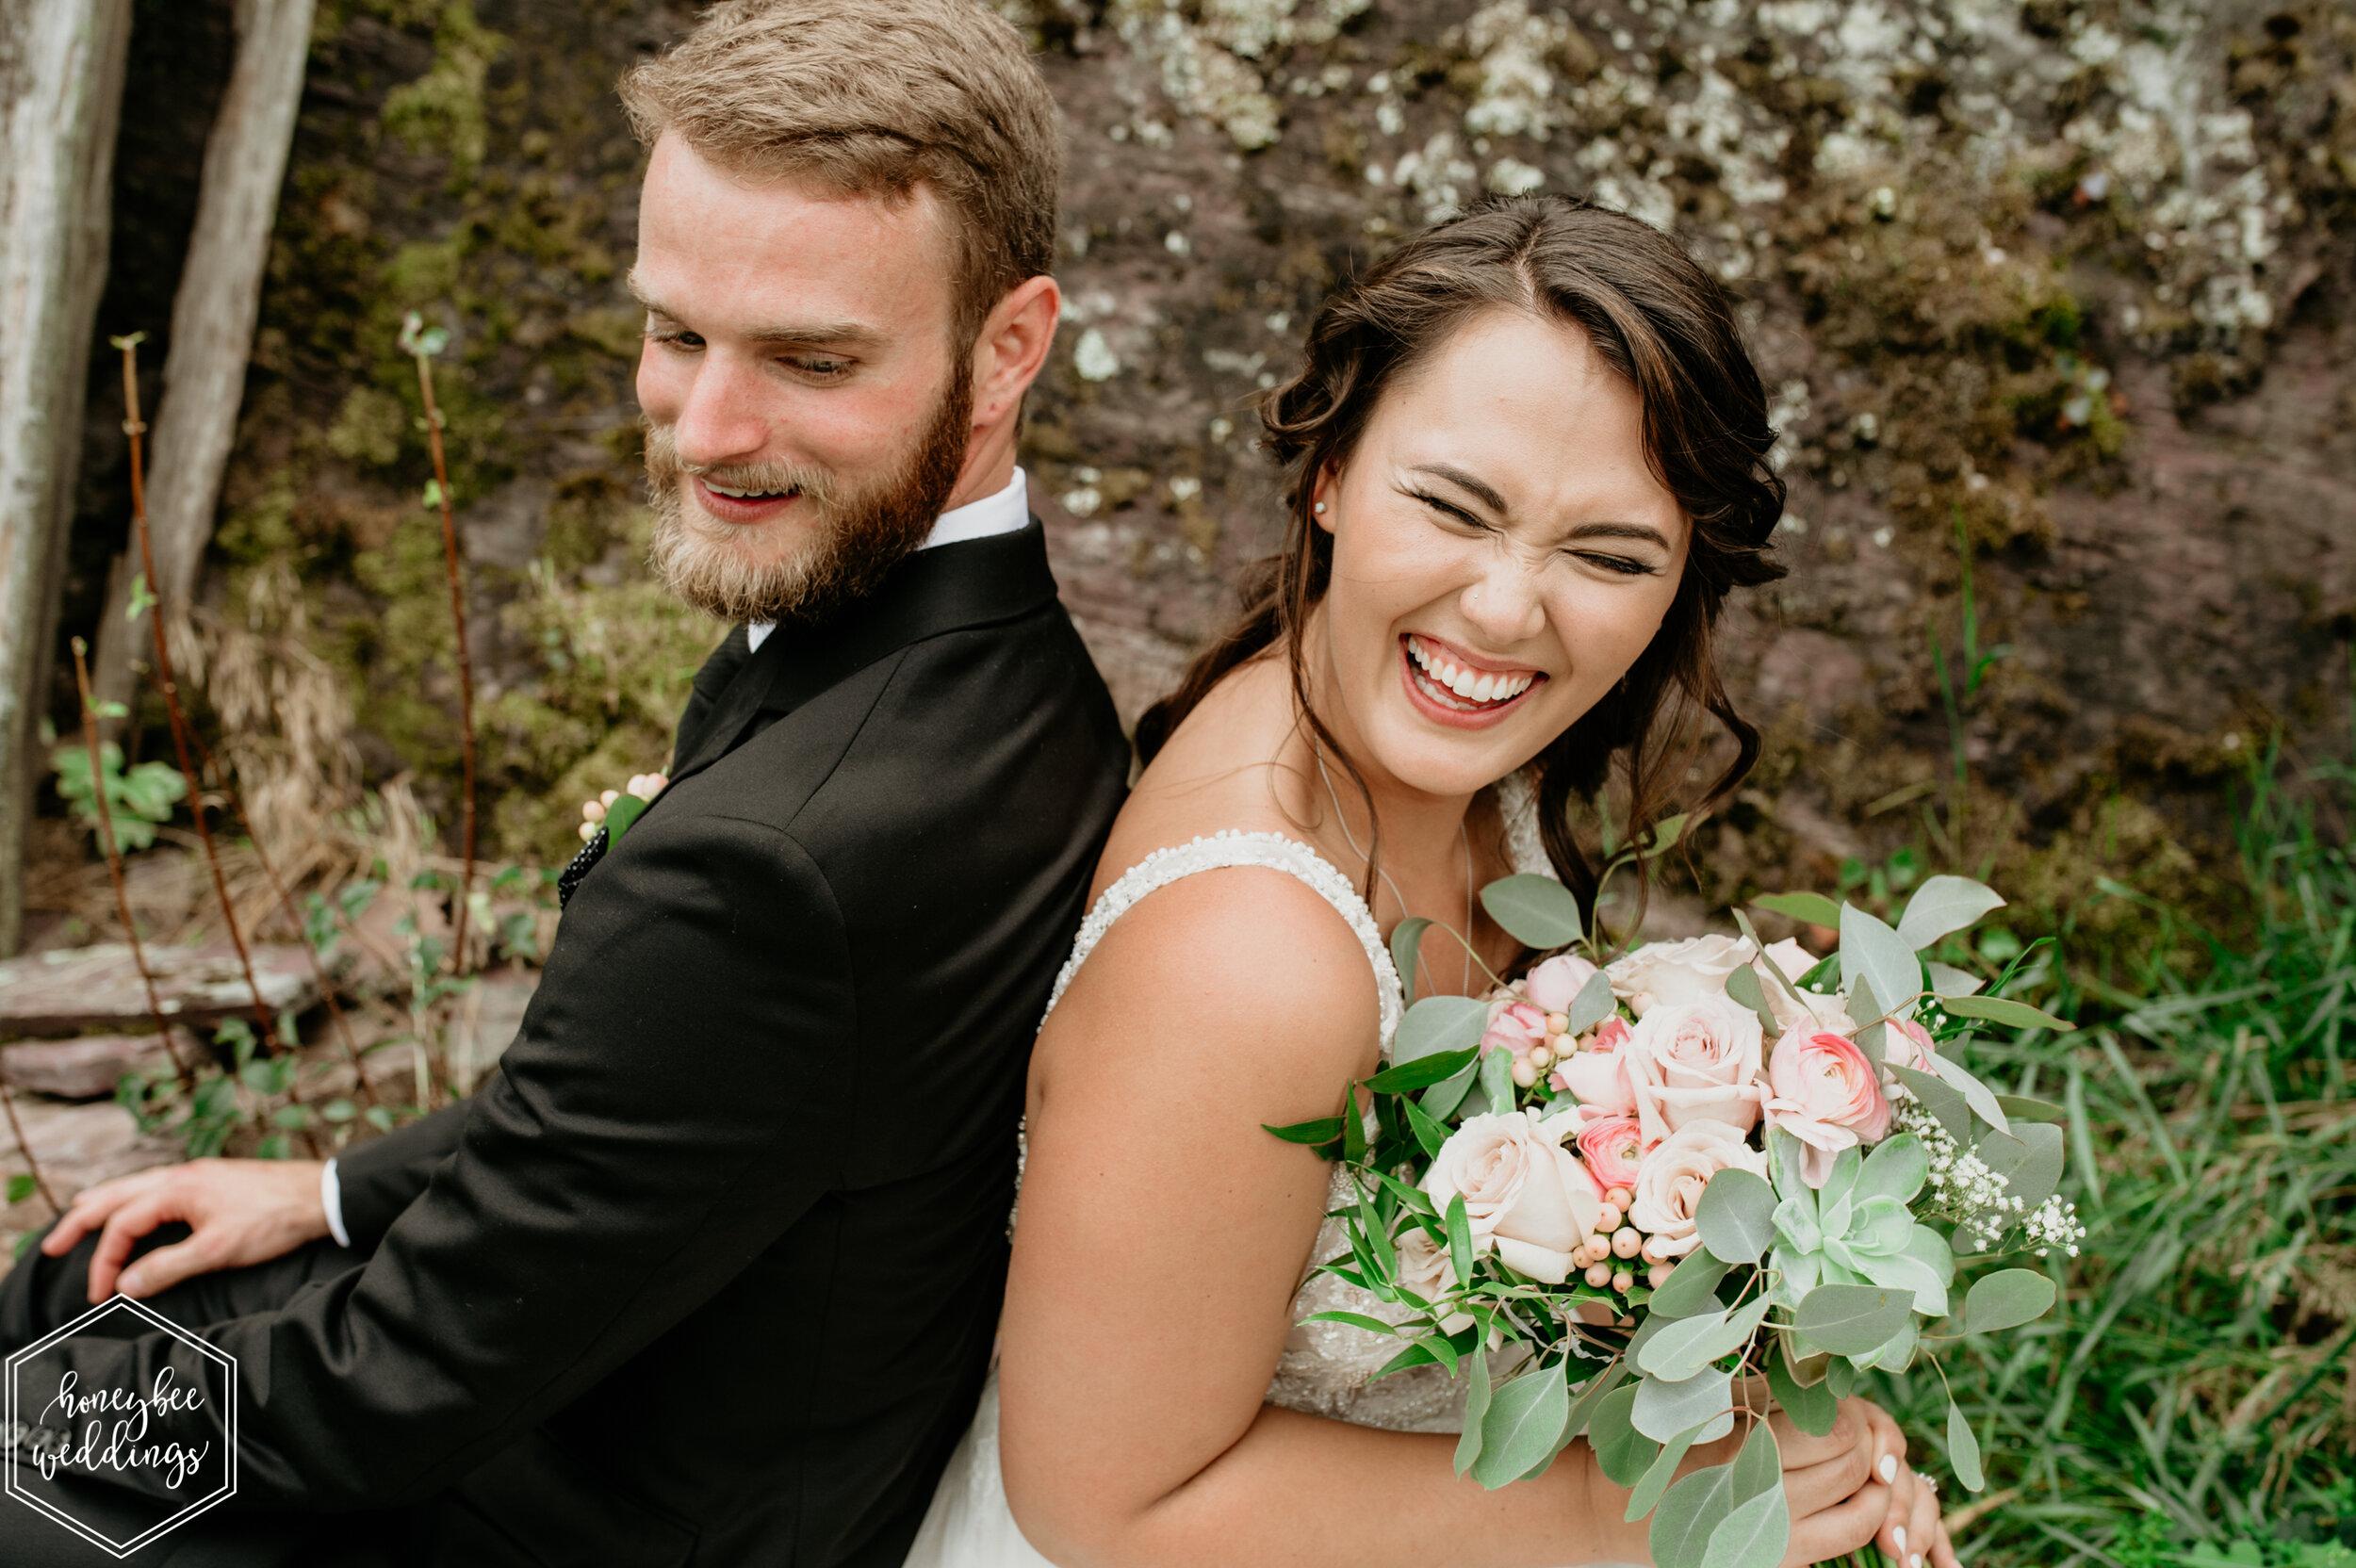 033White Raven Wedding_Montana Wedding Photographer_Corey & Corey_Honeybee Weddings_September 06, 2019-1198.jpg